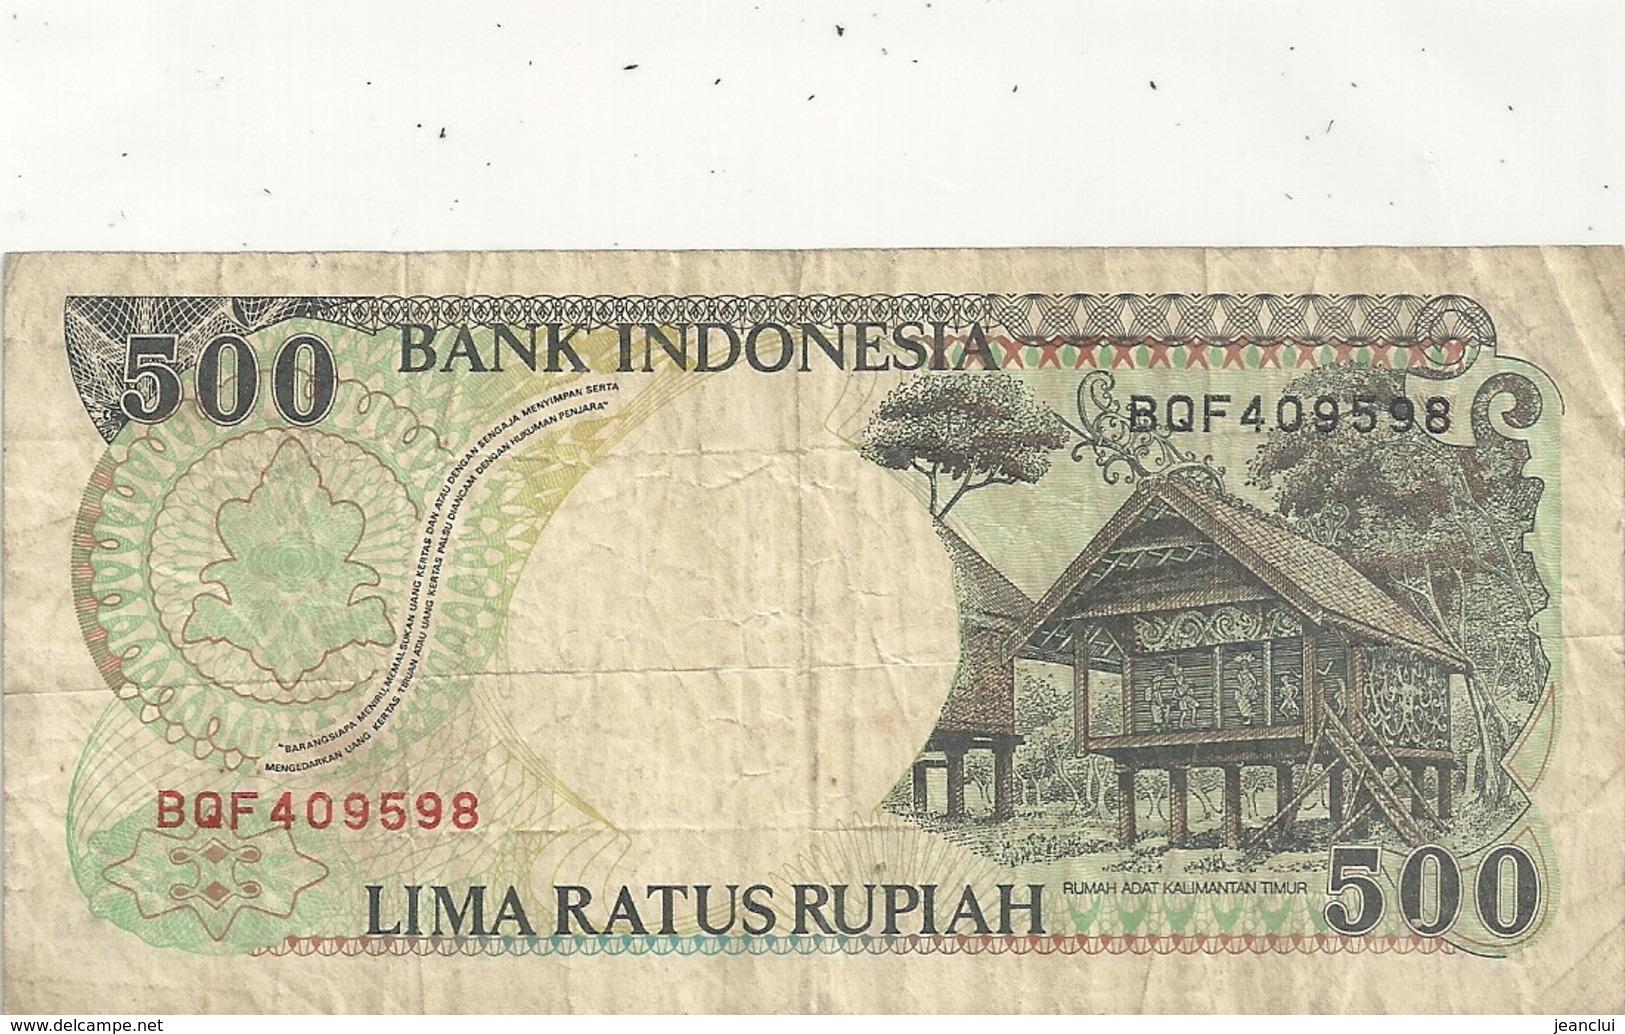 BANK INDONESIA - 500 RUPIAH . 1992 -  N° BQF 409598  . 2 SCANES - Indonésie